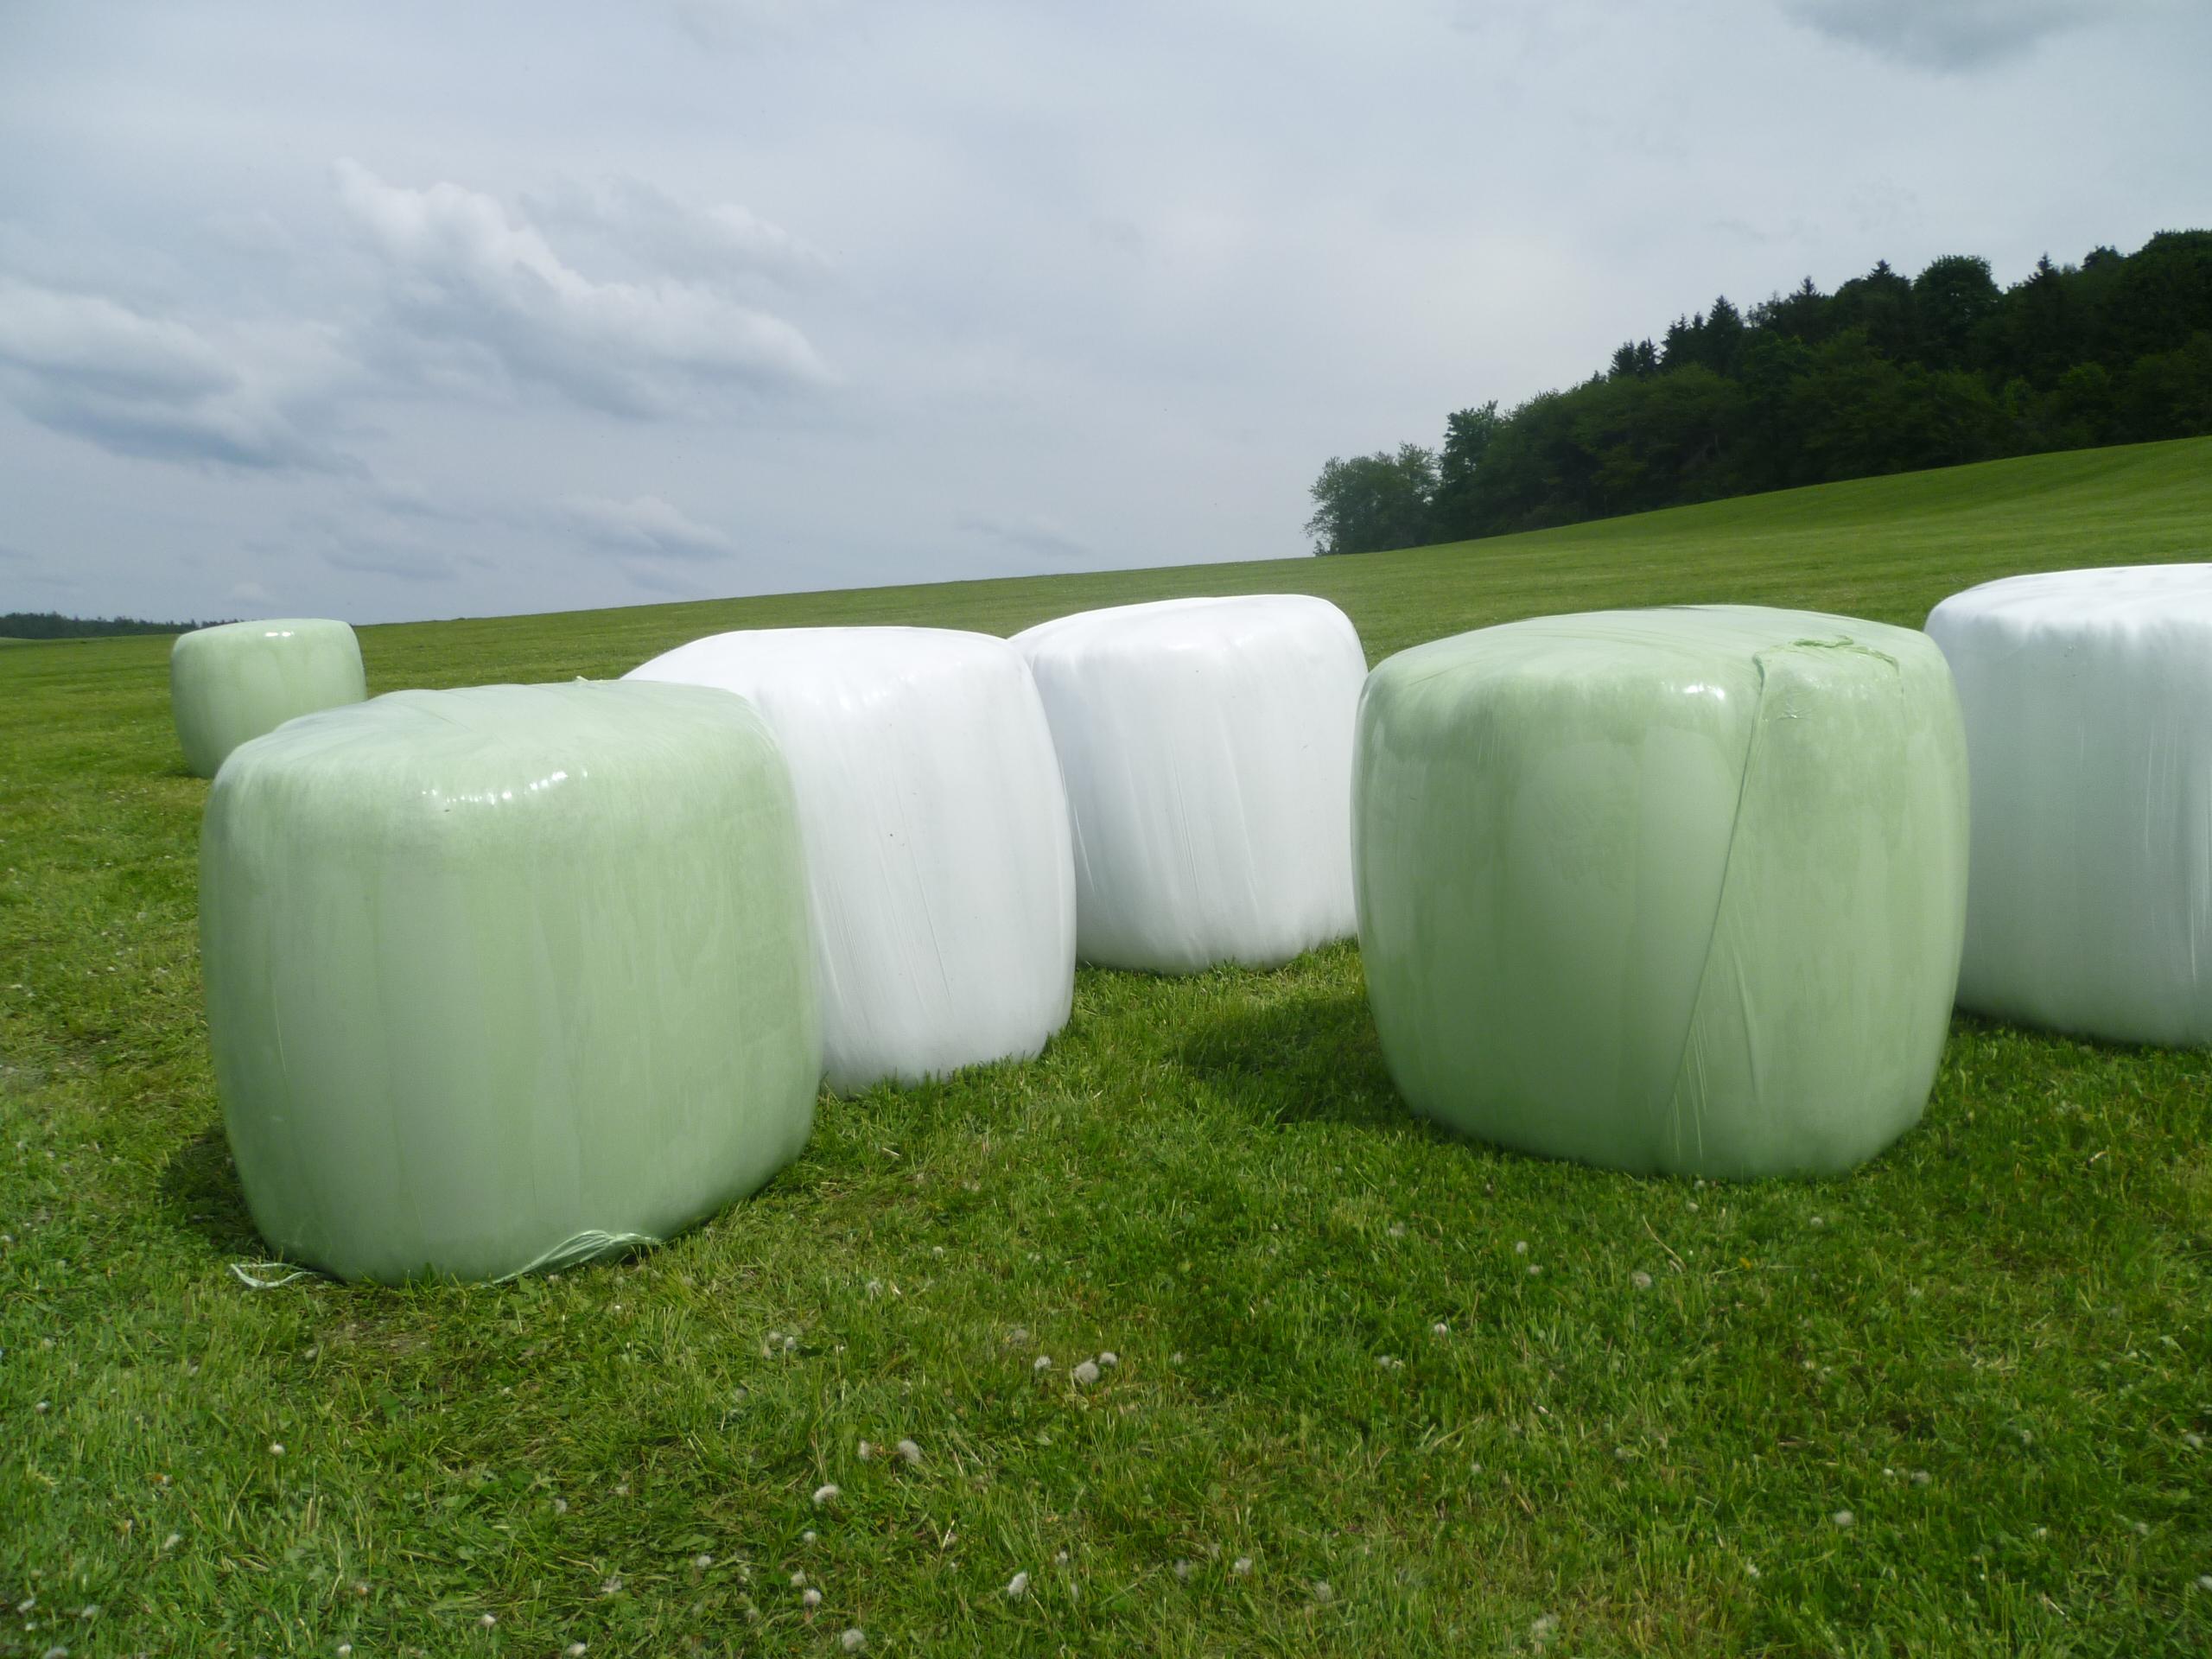 Zemědělská strečová fólie (též Agrostretch fólie) je určena ke konzervaci trávy. Mírně zavadlá tráva je slisována do bal